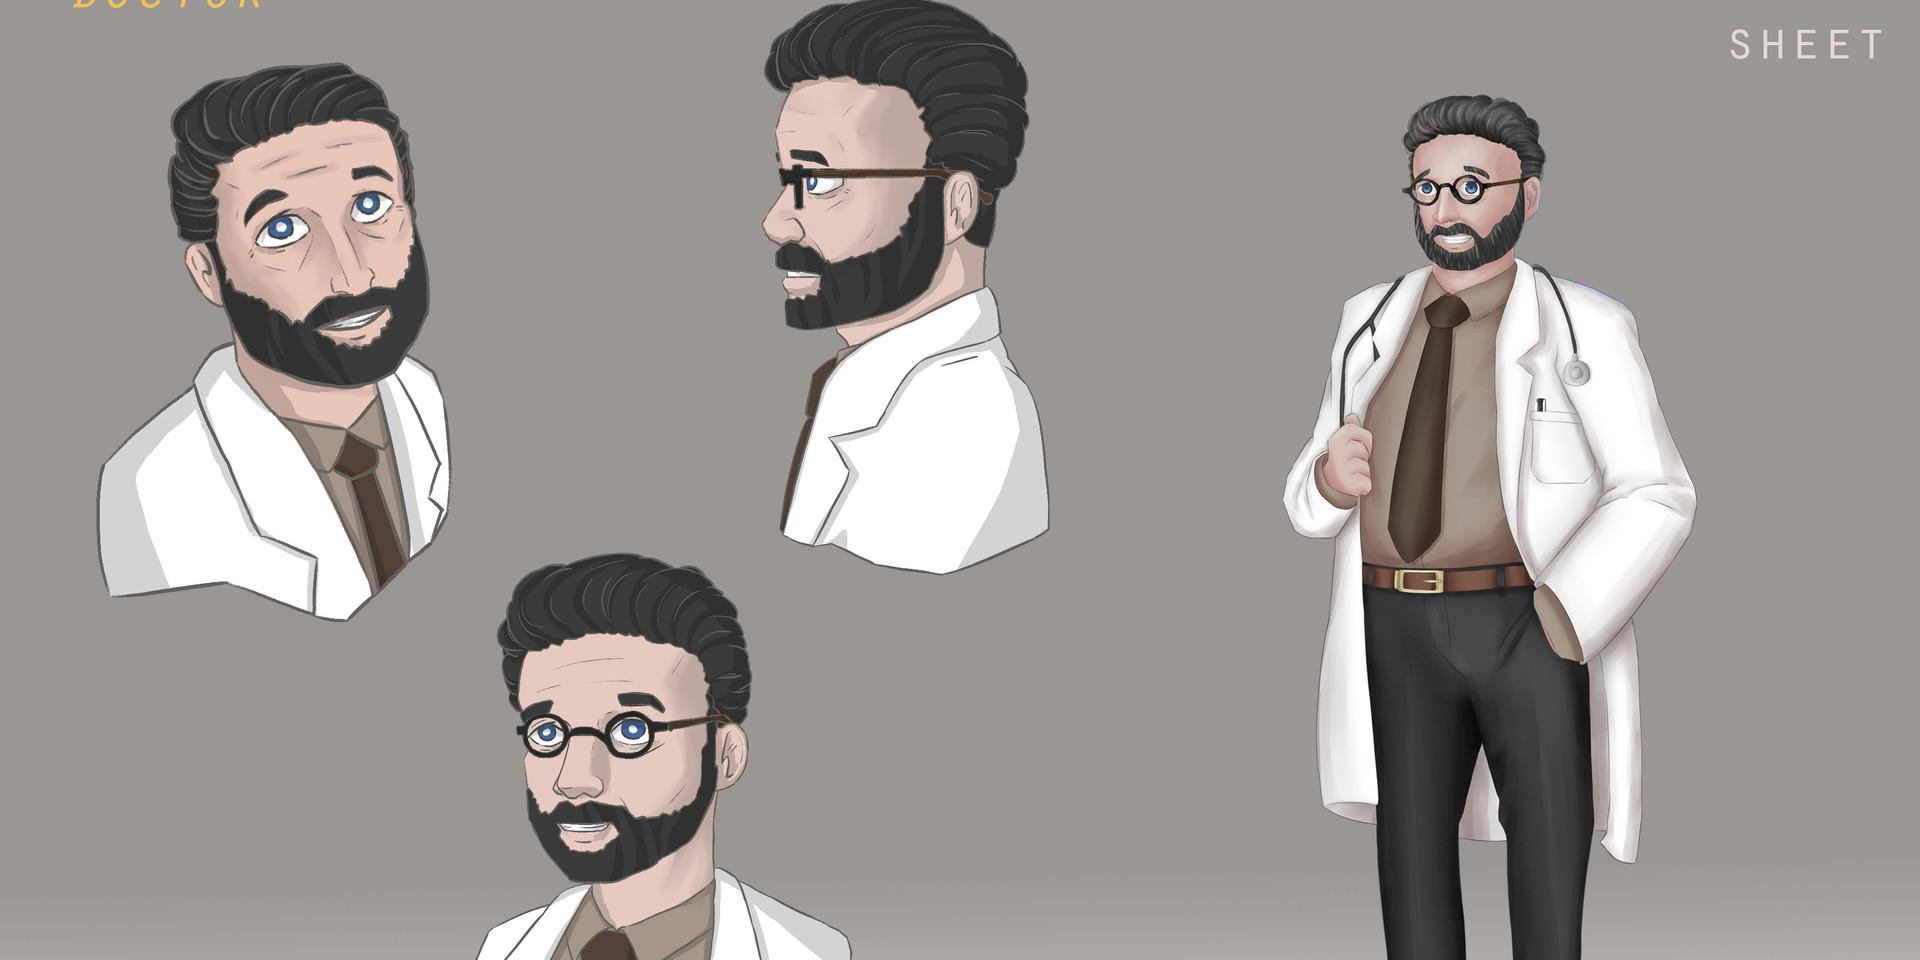 Doctor_charecter_sheet.jpg